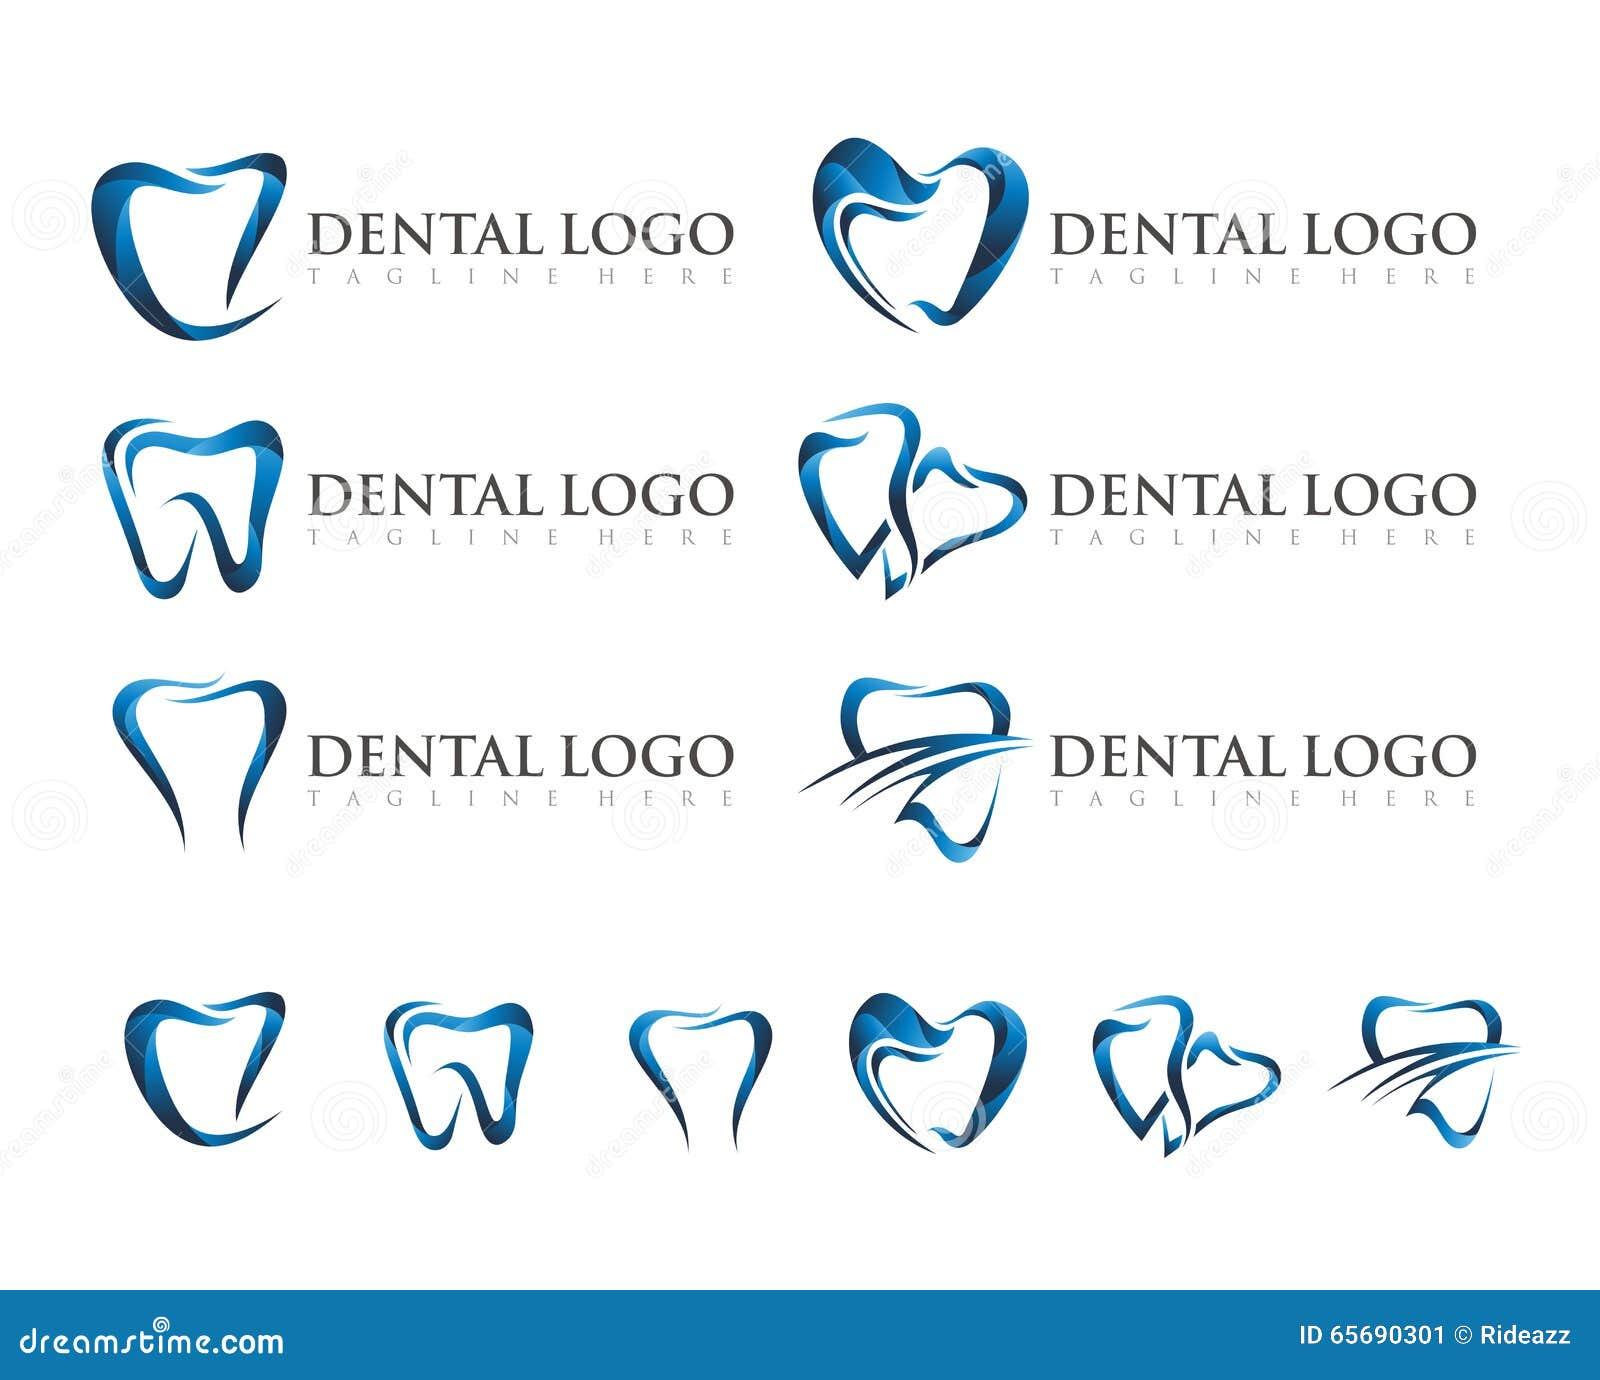 VECTOR : DENTAL LOGO DESIGN Stock Vector - Image: 65690301